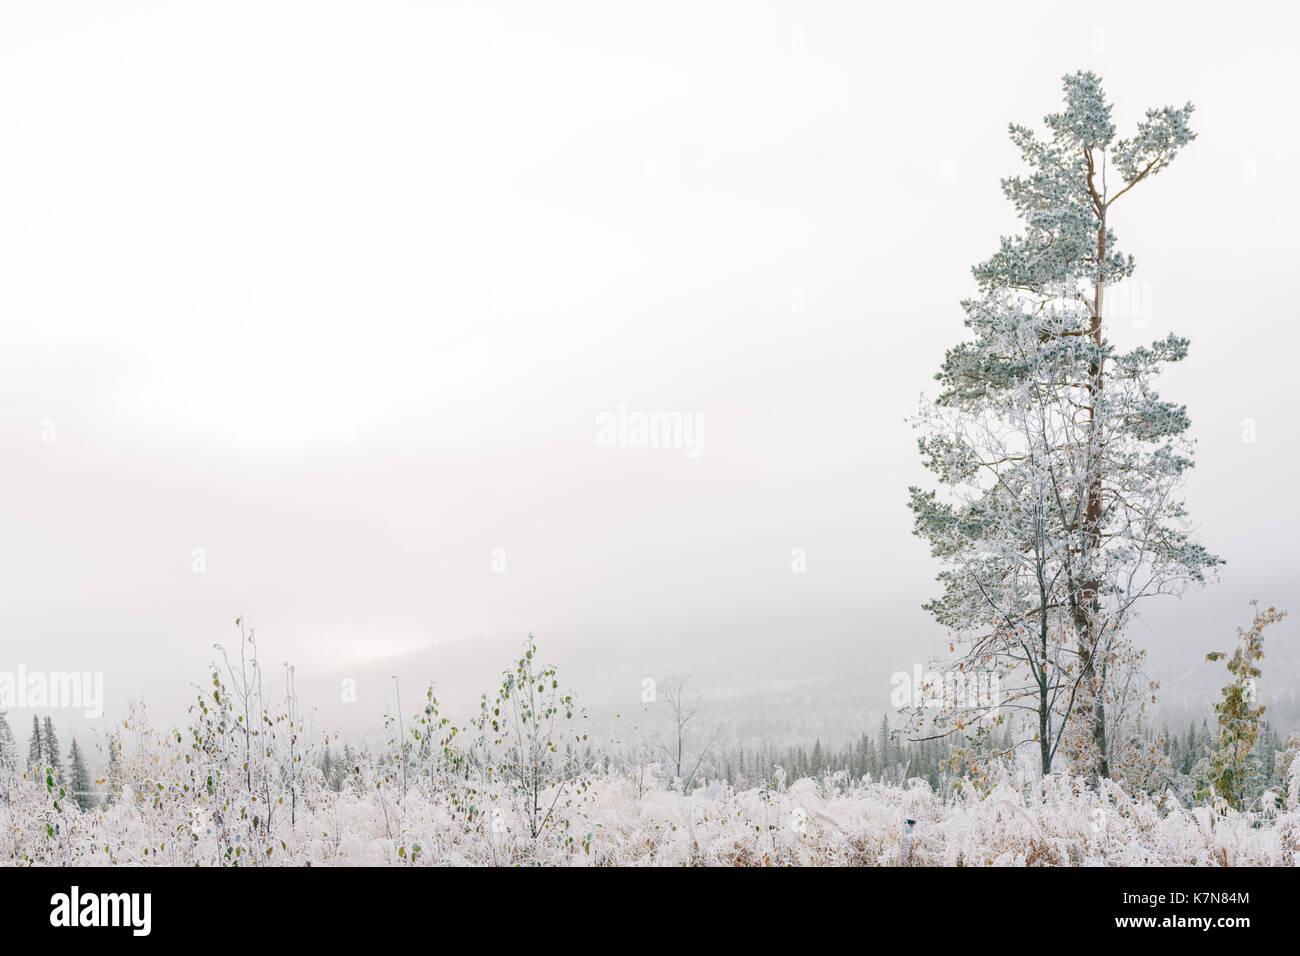 Un arbre dans le brouillard couvert de givre Photo Stock